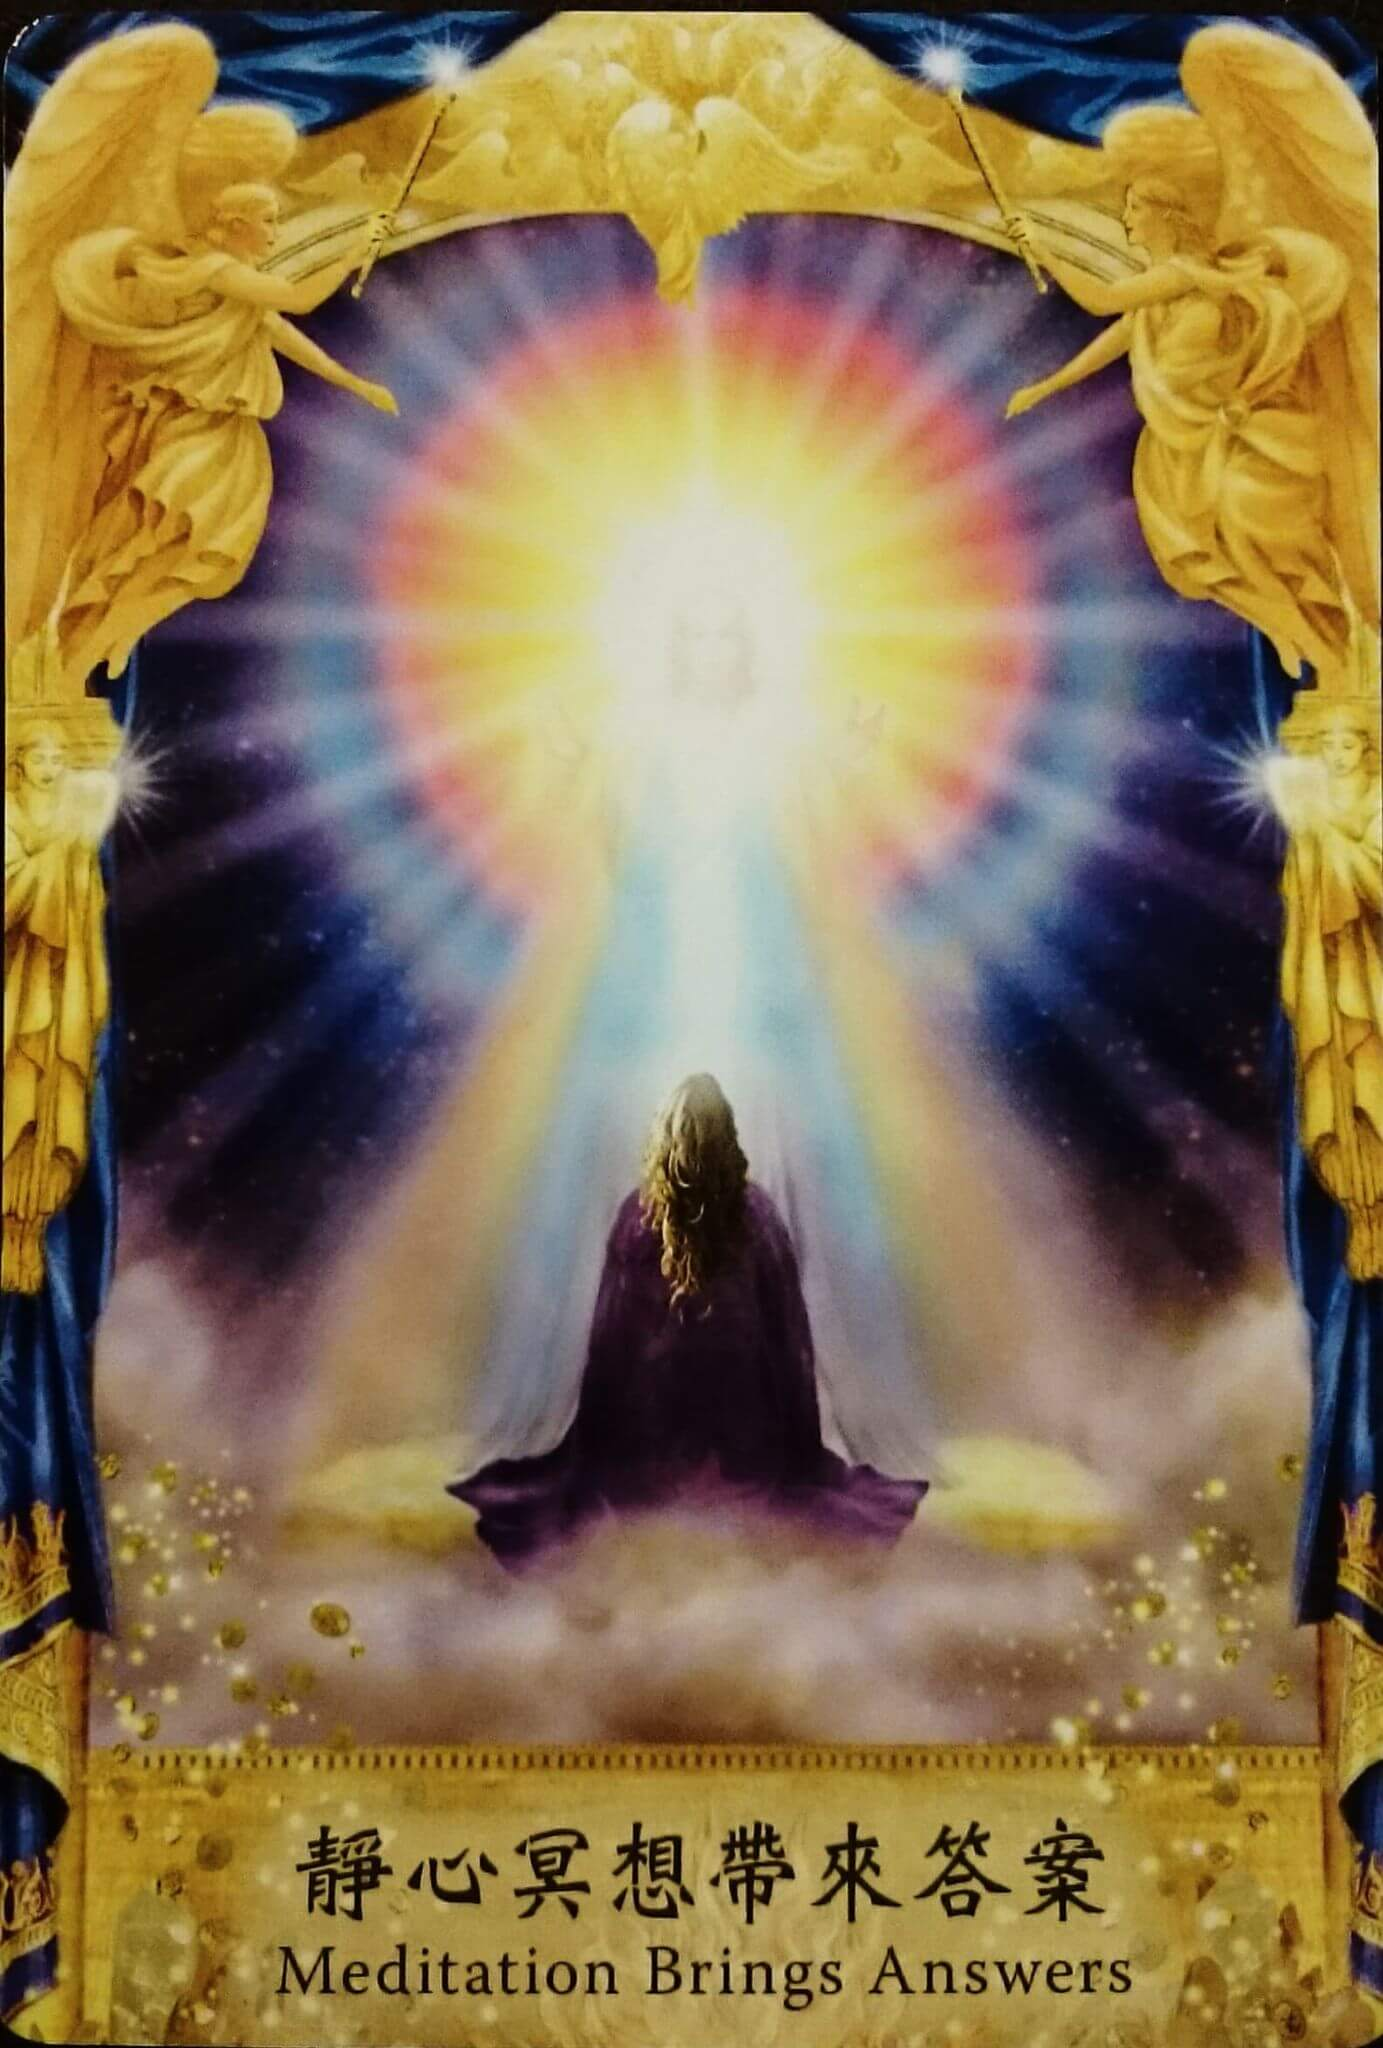 每週占卜/抽一張牌 測未來三個月「天使給我工作的忠告」!